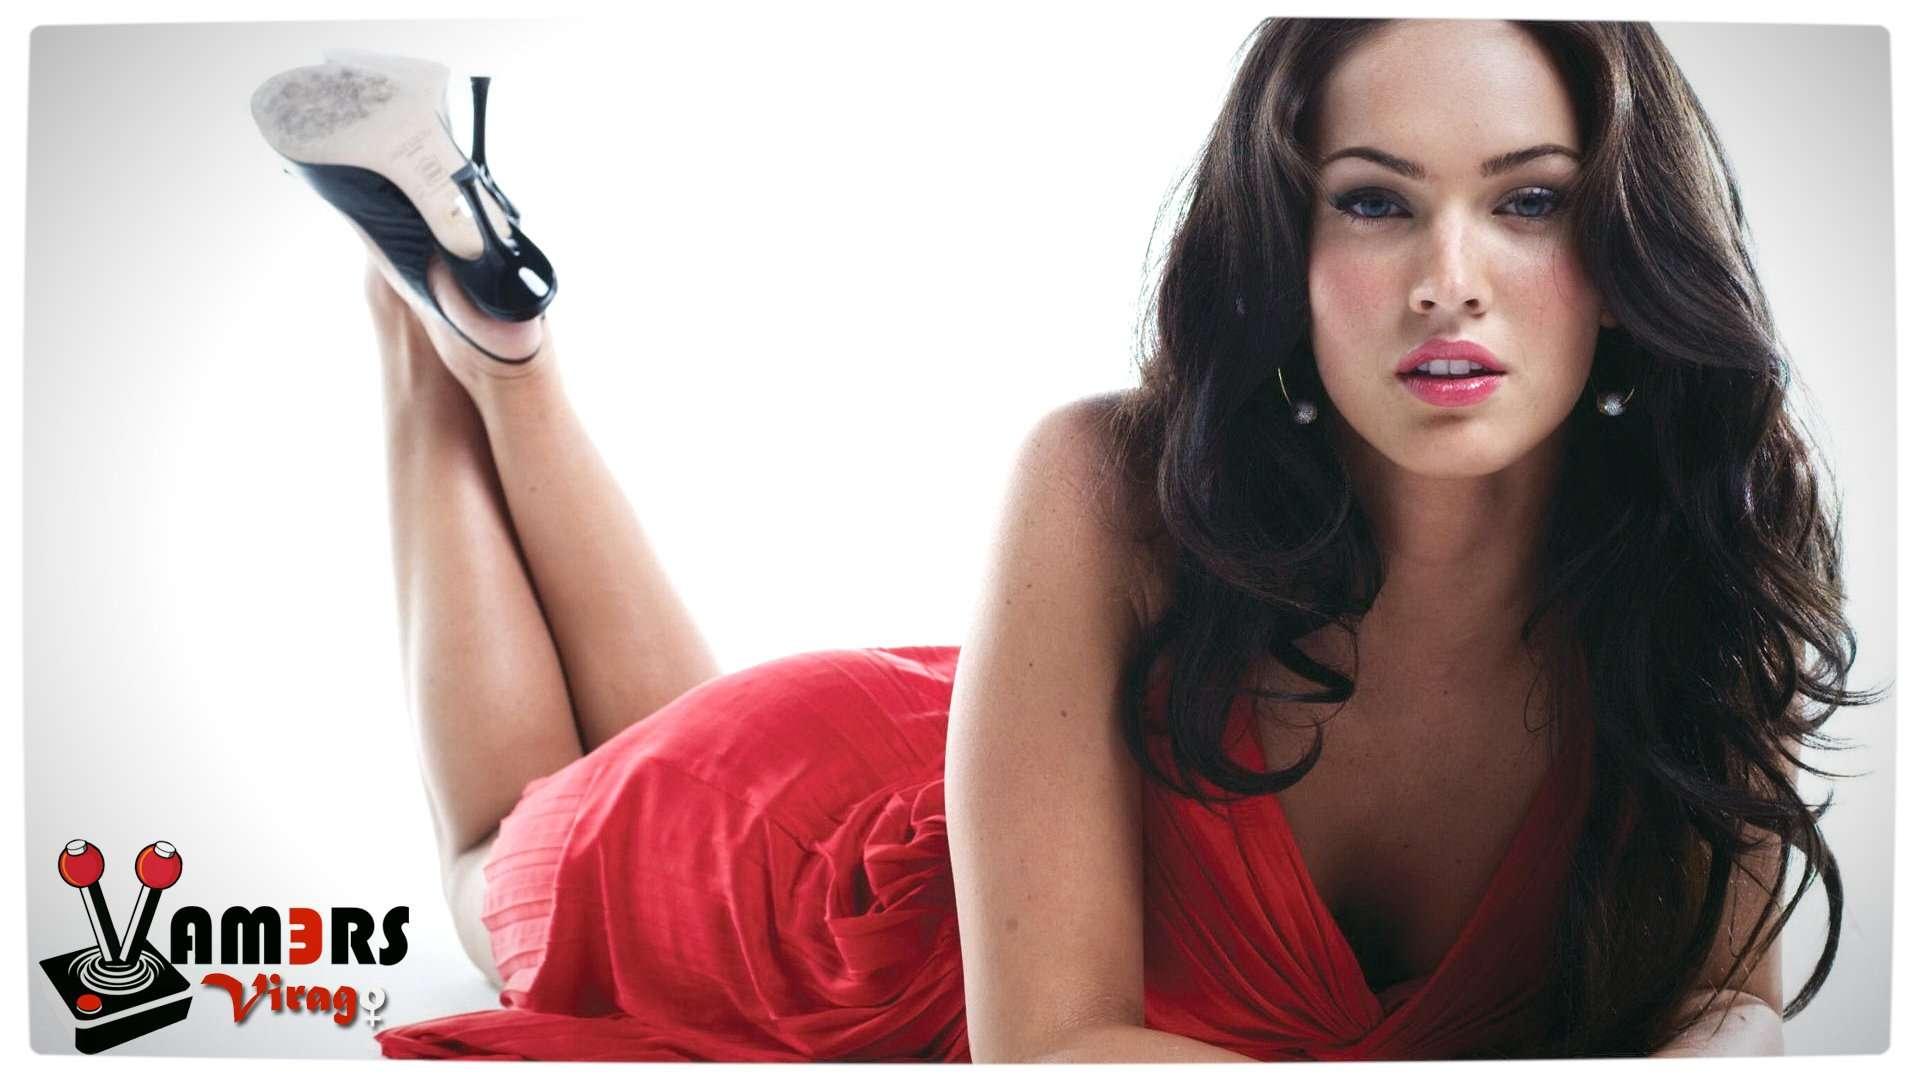 Vamers Virago - May 2011 - Megan Fox Profile 02